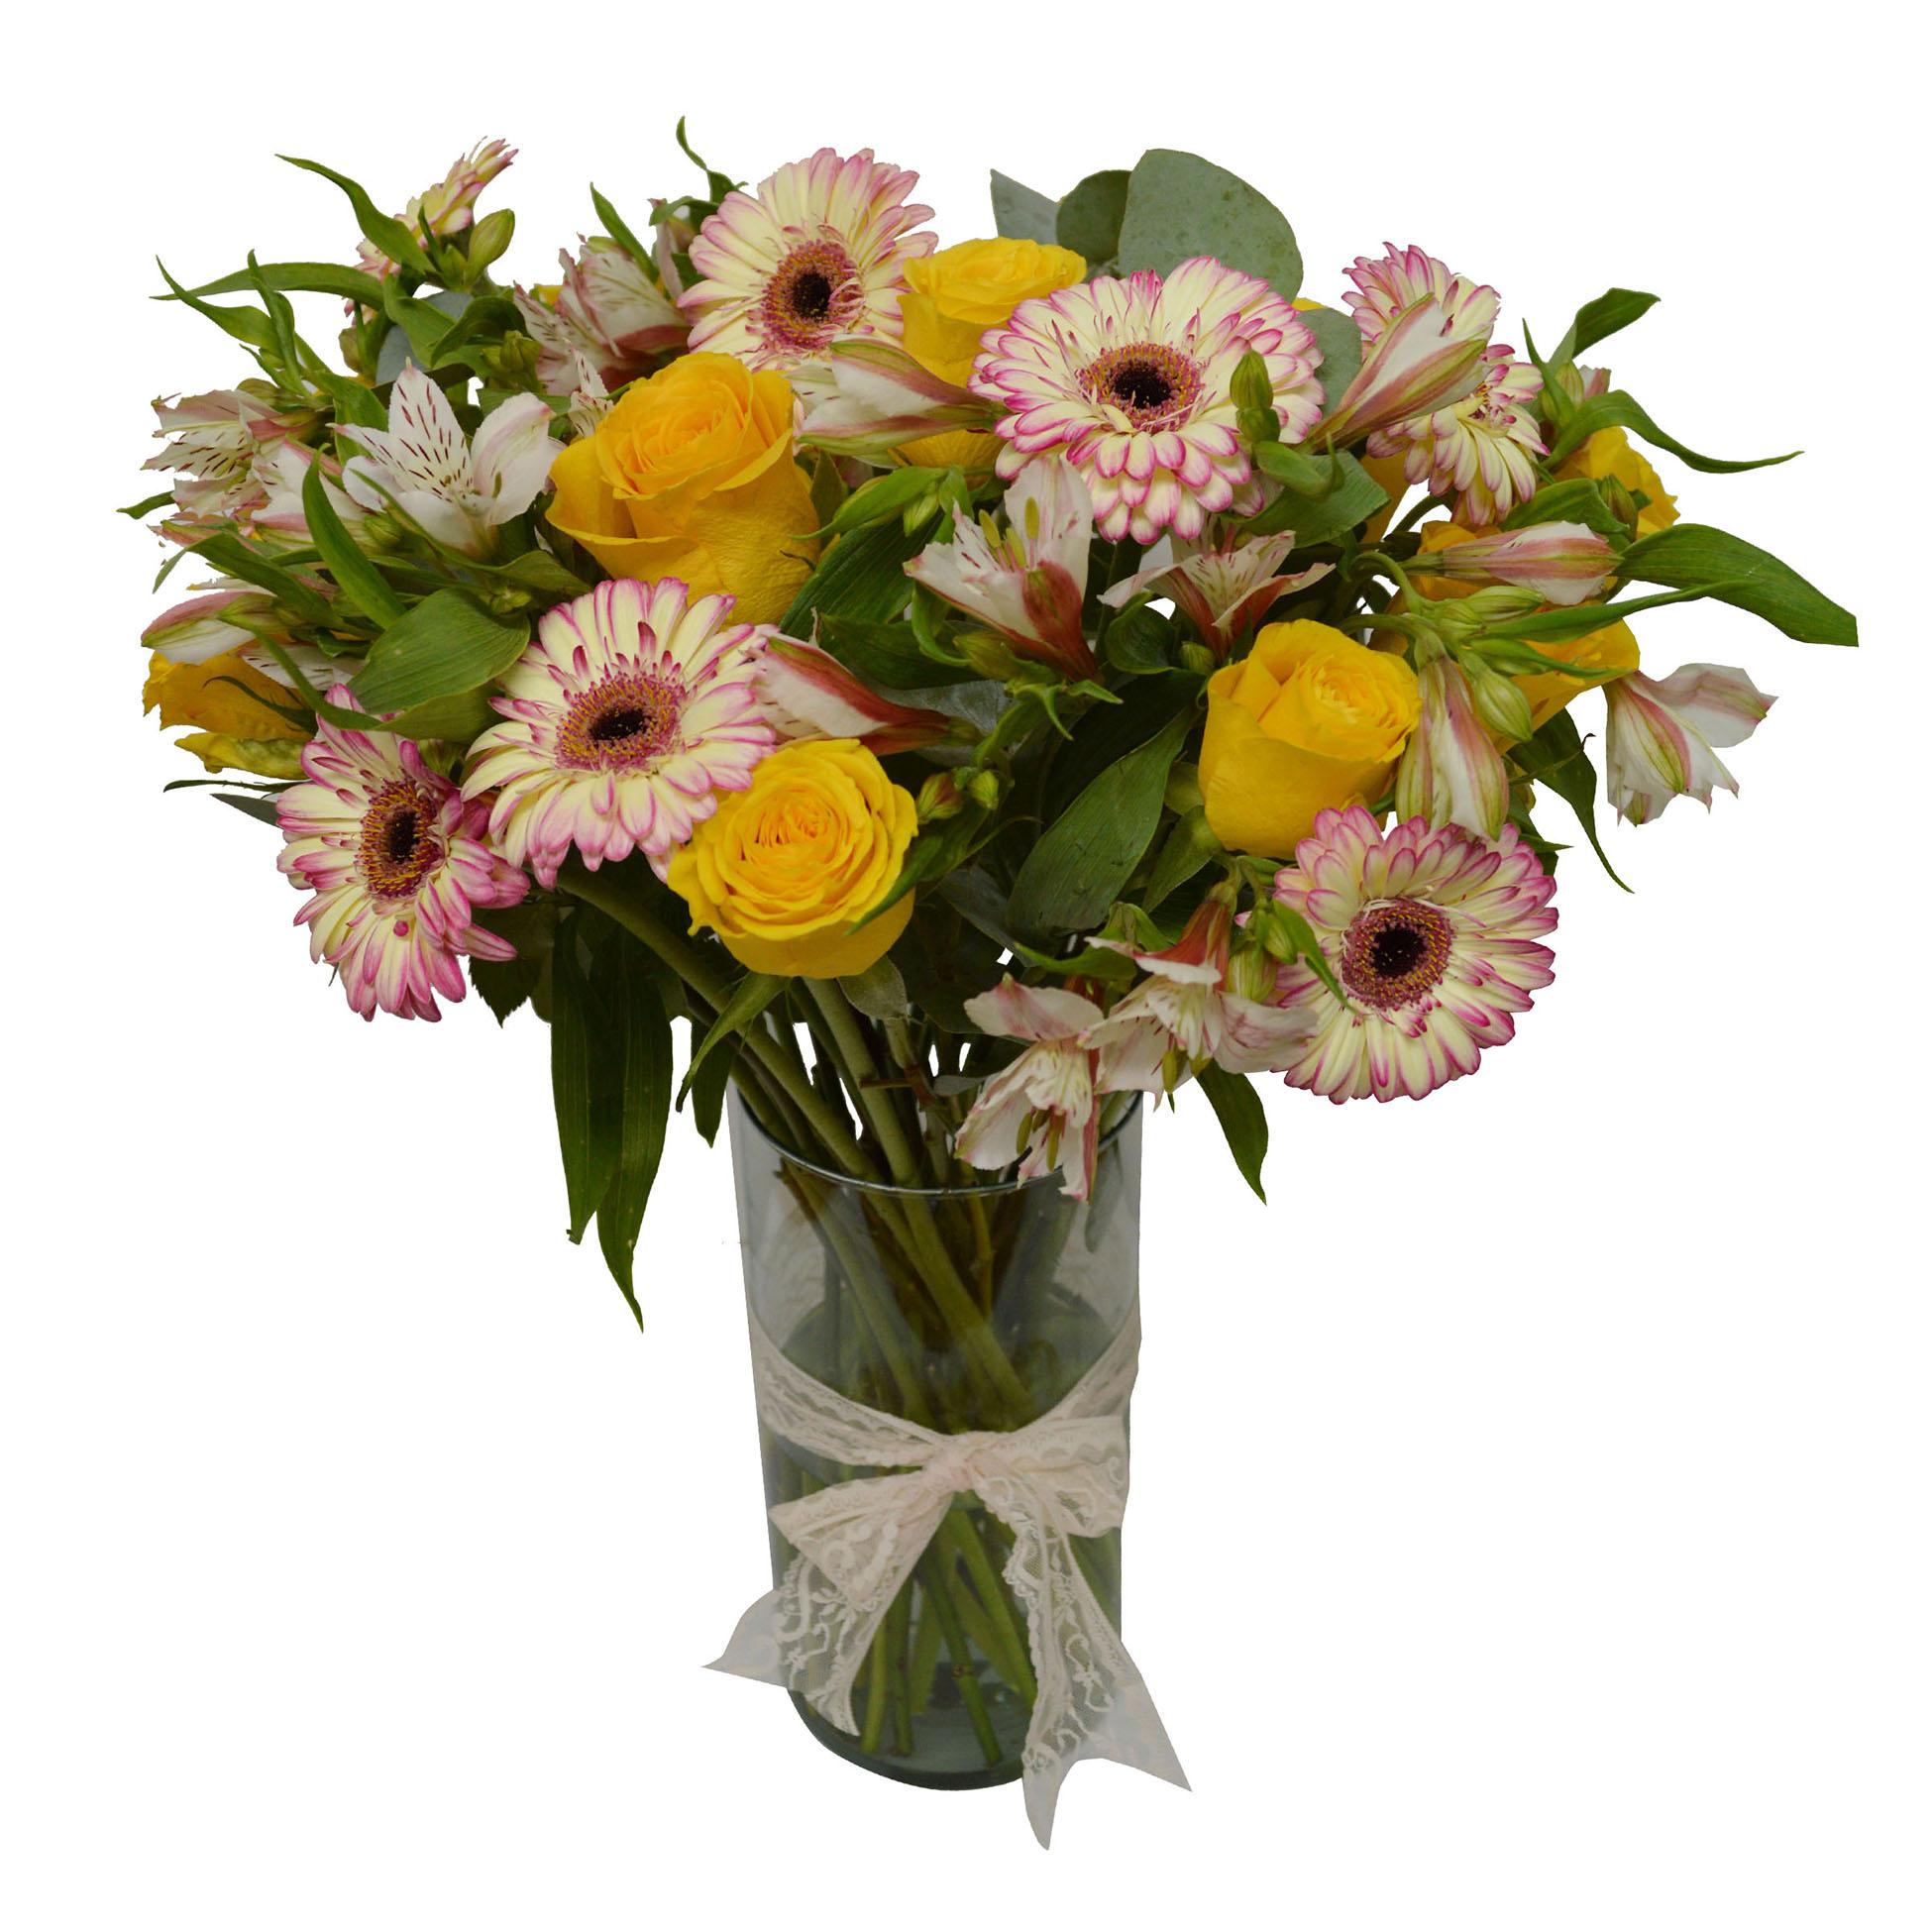 Floreros Mixto con Gerberas, Rosas y Alstromerias